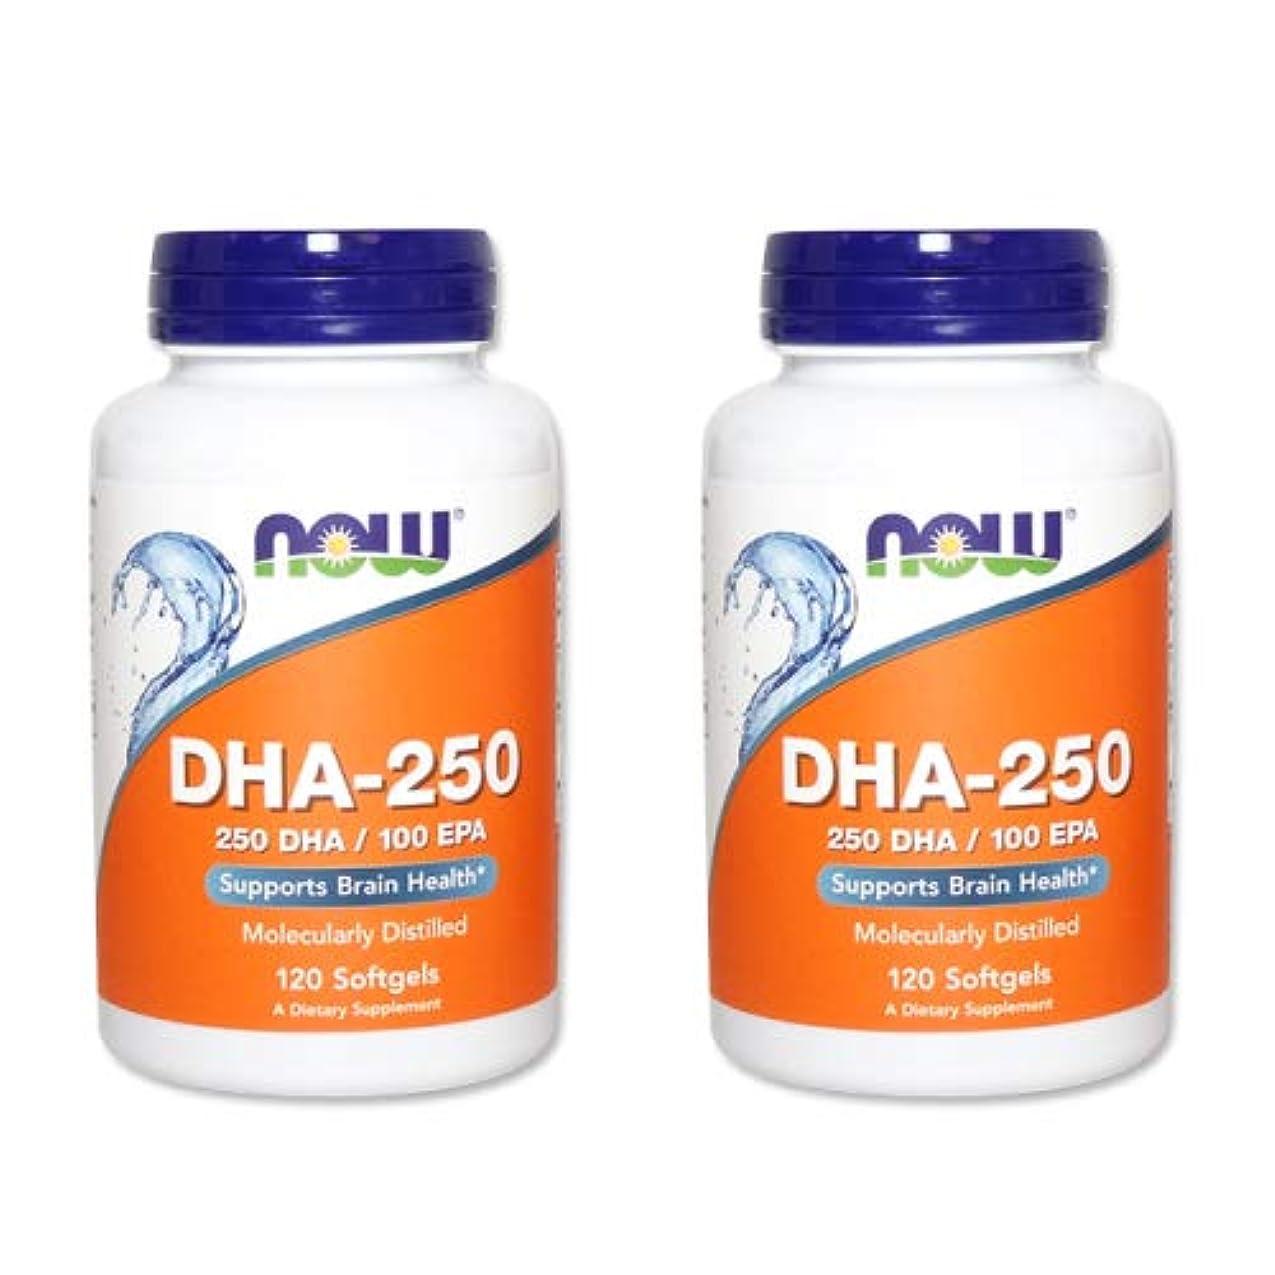 リムアスレチックローラー【2個セット】【粒小さめ低含有タイプ】DHA-250 120粒(DHA&EPA配合) [海外直送品]